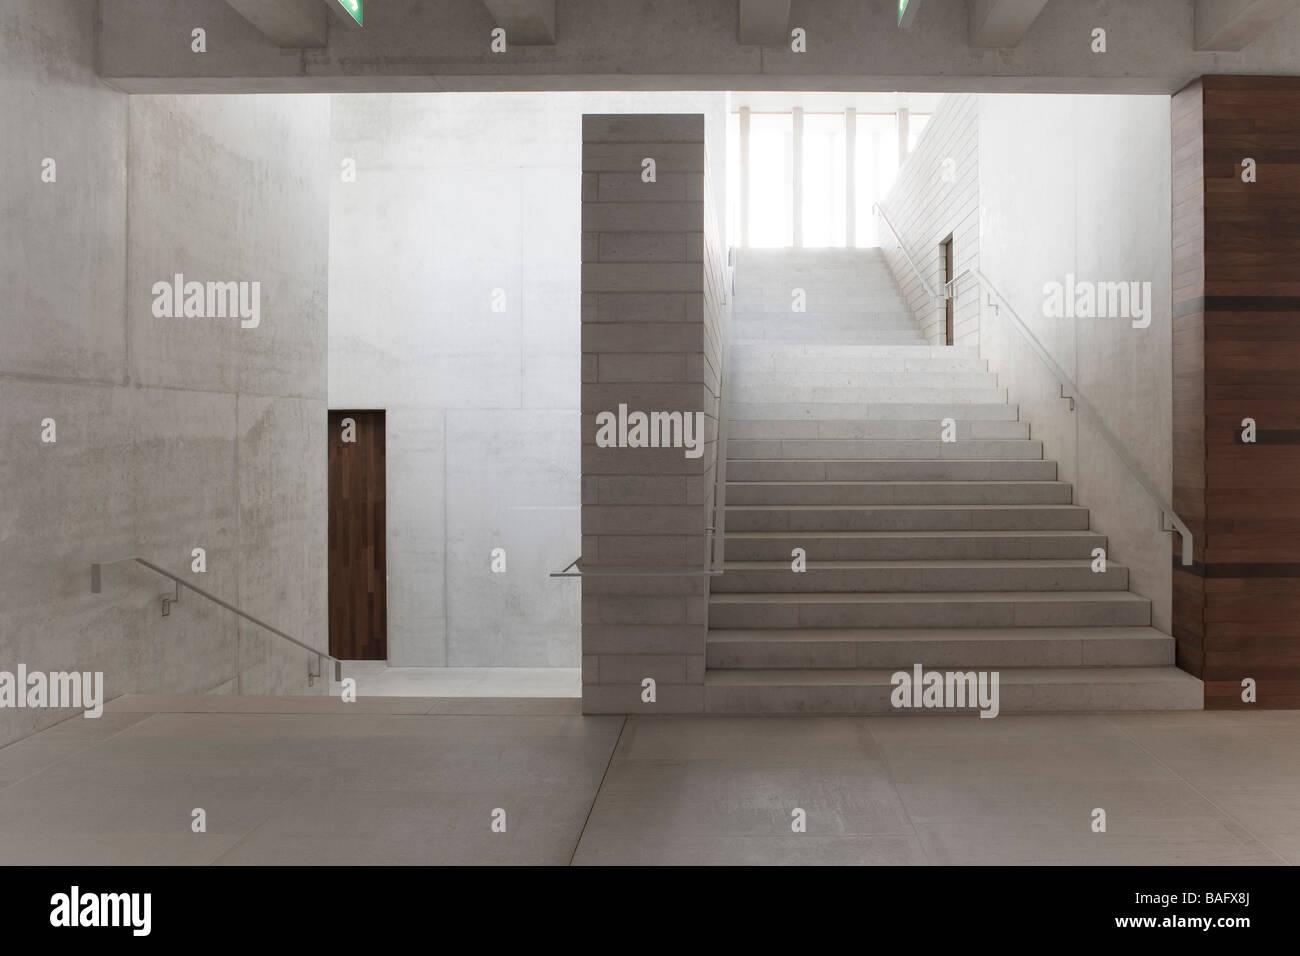 Künstlerisch Moderne Treppen Sammlung Von Literatur Museum De Moderne, Stuttgart, Deutschland, David